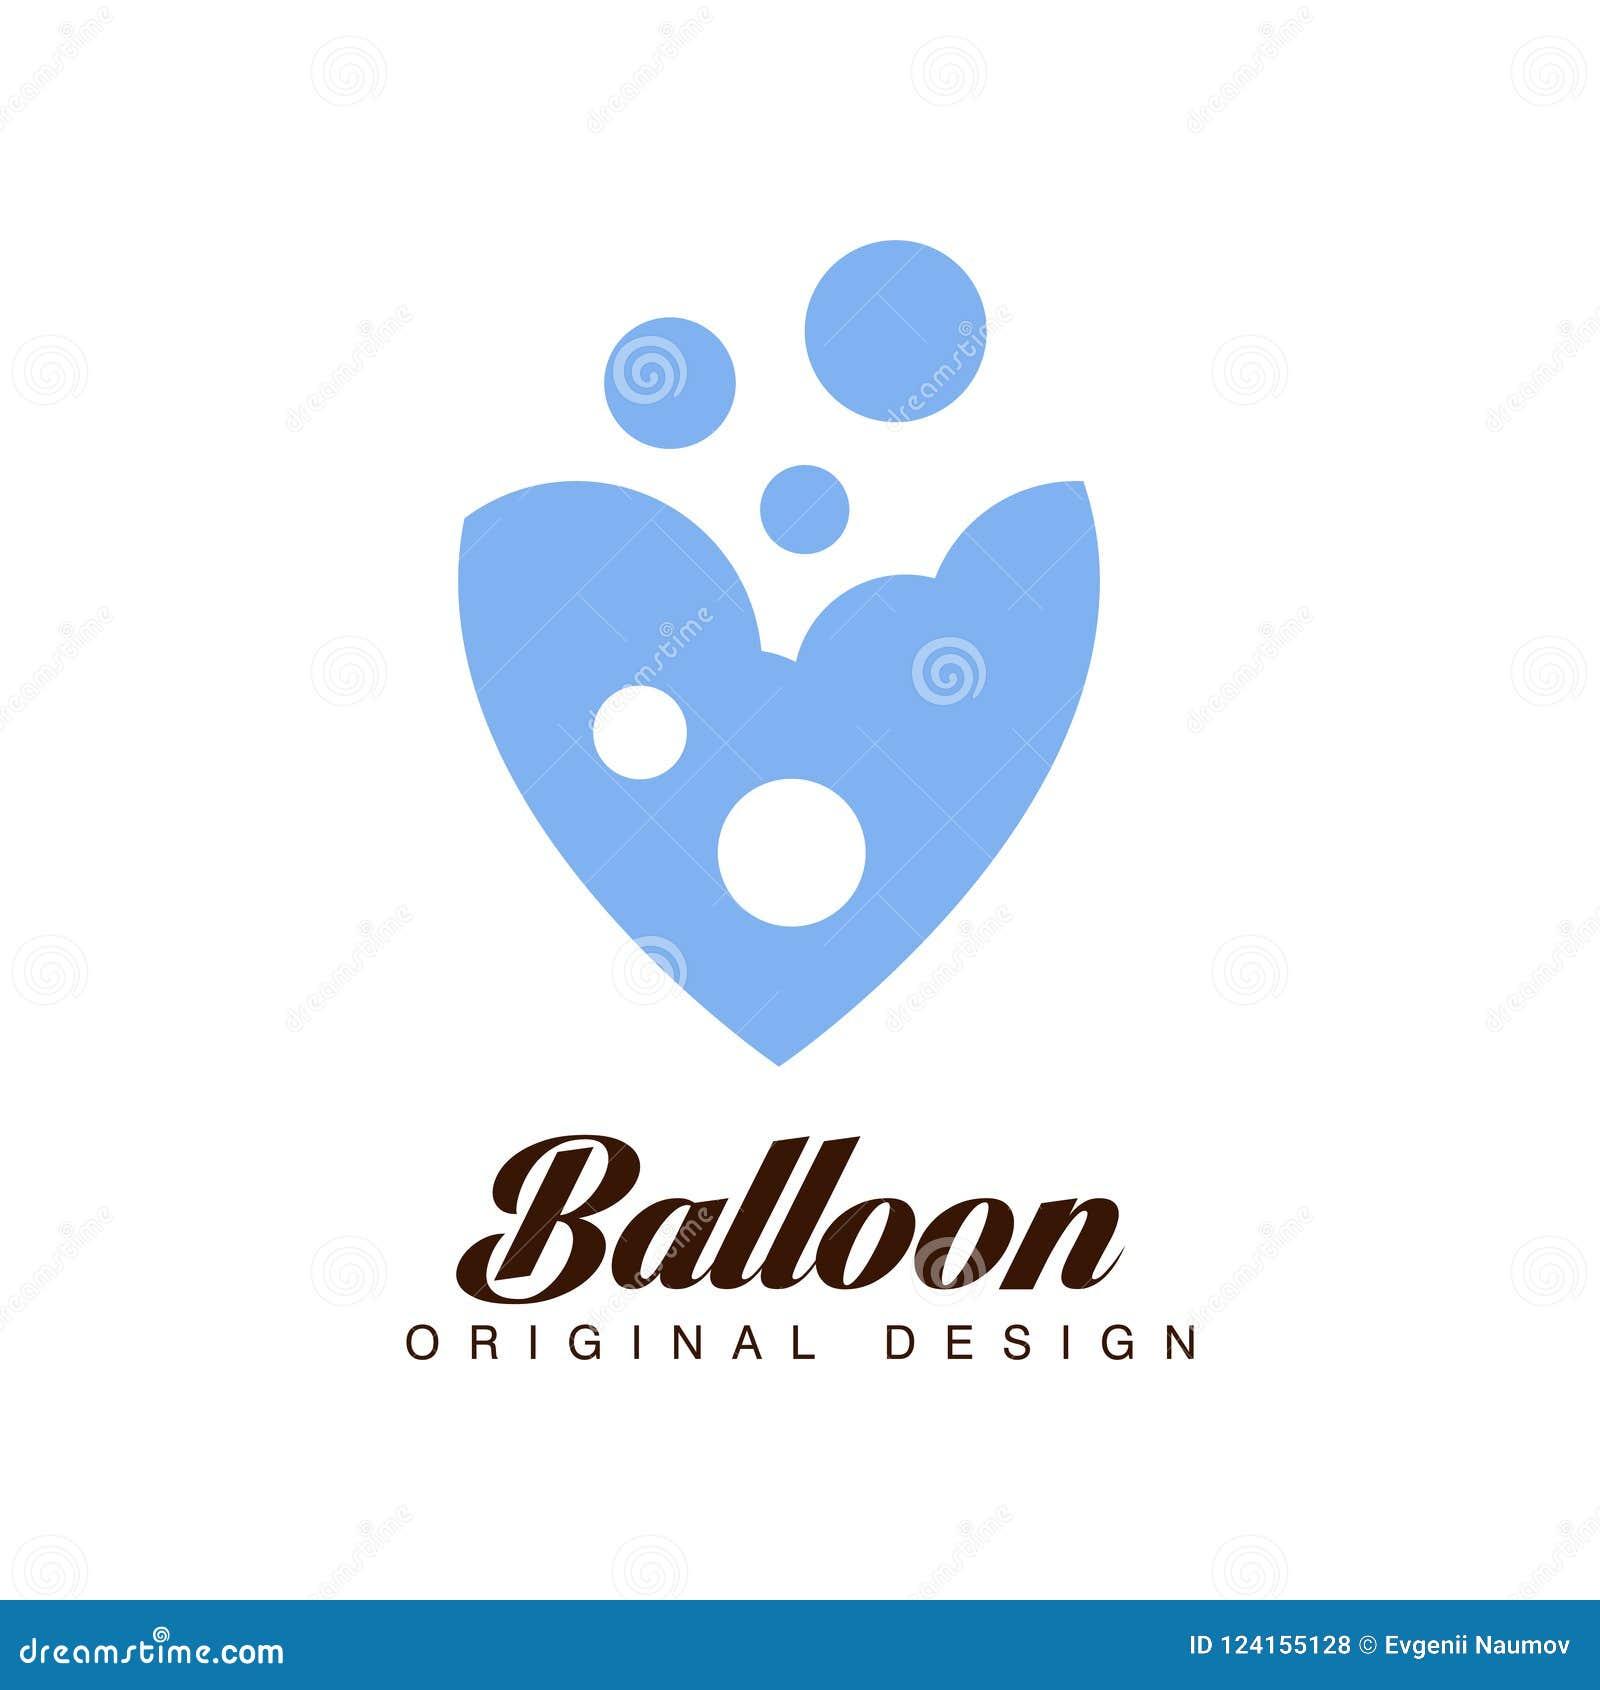 Hinche el diseño original, insignia creativa para la identidad de marca corporativa, vacaciones de verano, festival, viaje, vecto